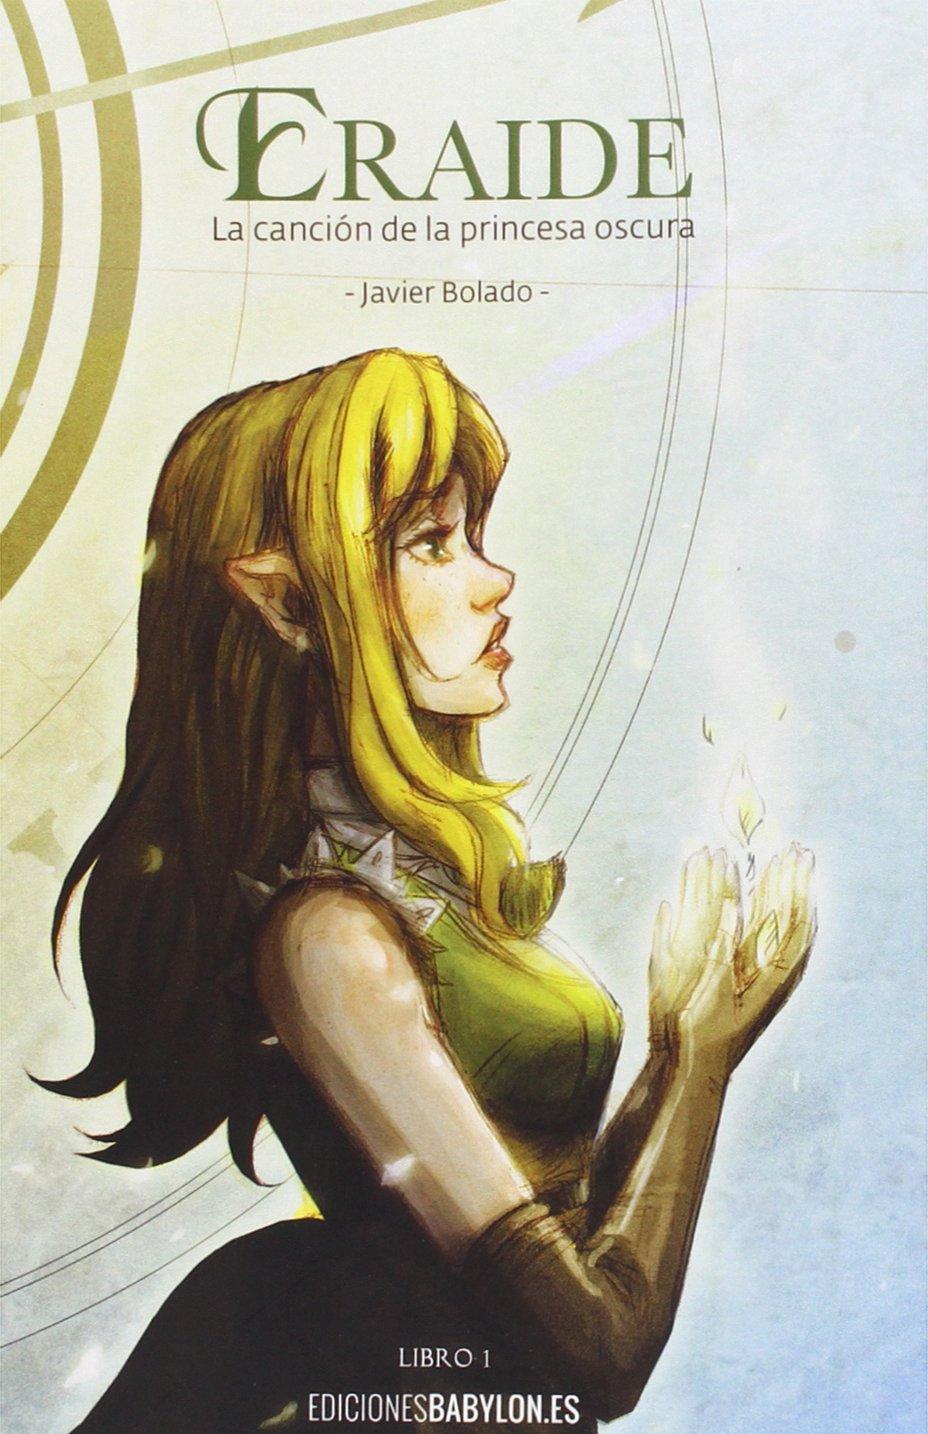 Eraide. La canción de la princesa oscura, libro 1 (Andarta) Tapa blanda – 9 abr 2015 Javier Bolado Ediciones Babylon 8416318212 Fantasy romance